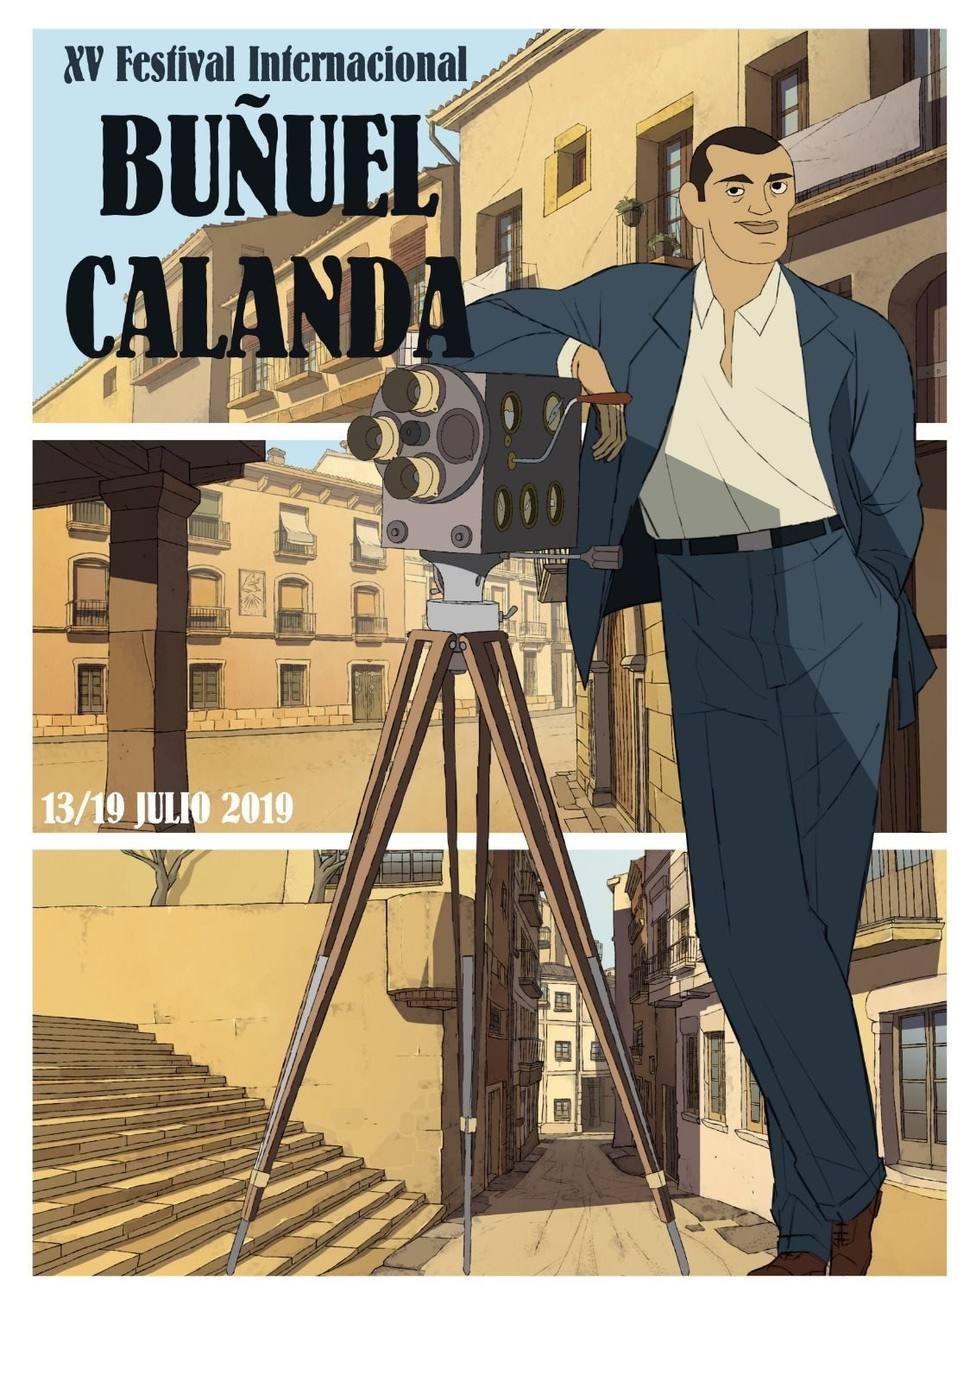 Calanda celebra la XV edición del Festival Internacional Buñuel Calanda